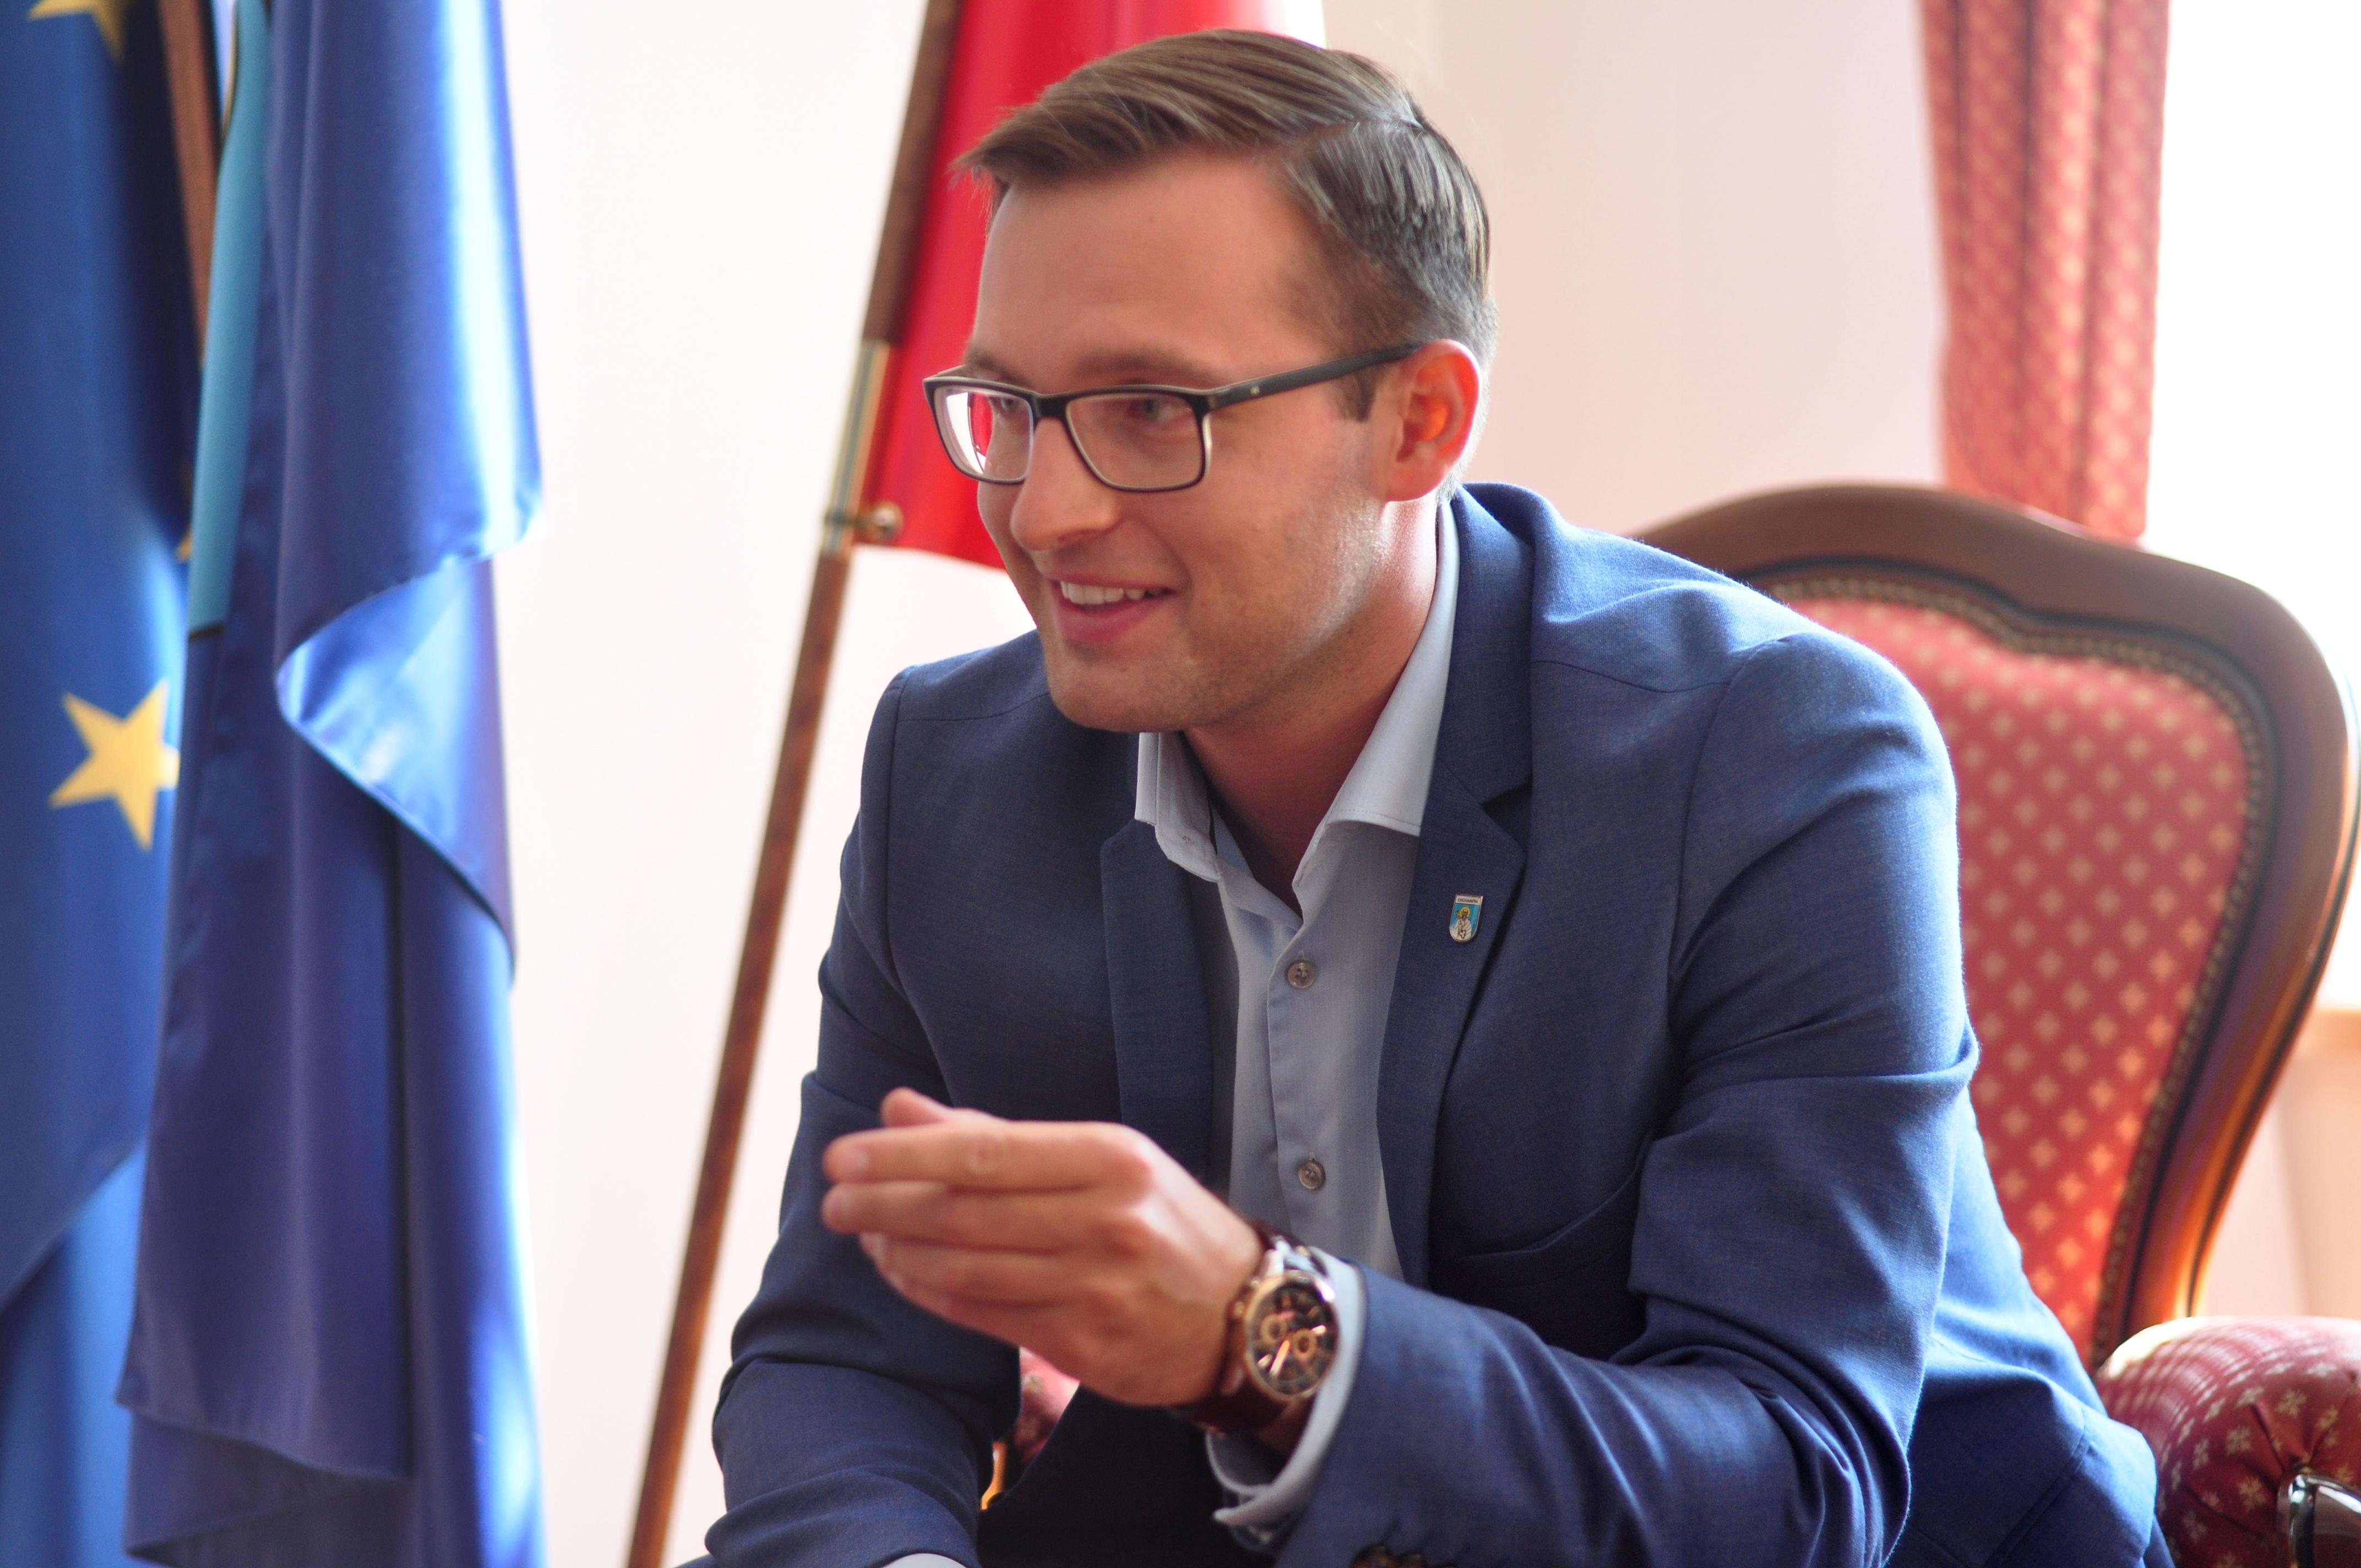 Krzysztof Kosiński został prezydentem Ciechanowa mając 26 lat. Dziś mówi, że już nikt nie pamięta o jego wieku (Fot. UM Ciechanów)